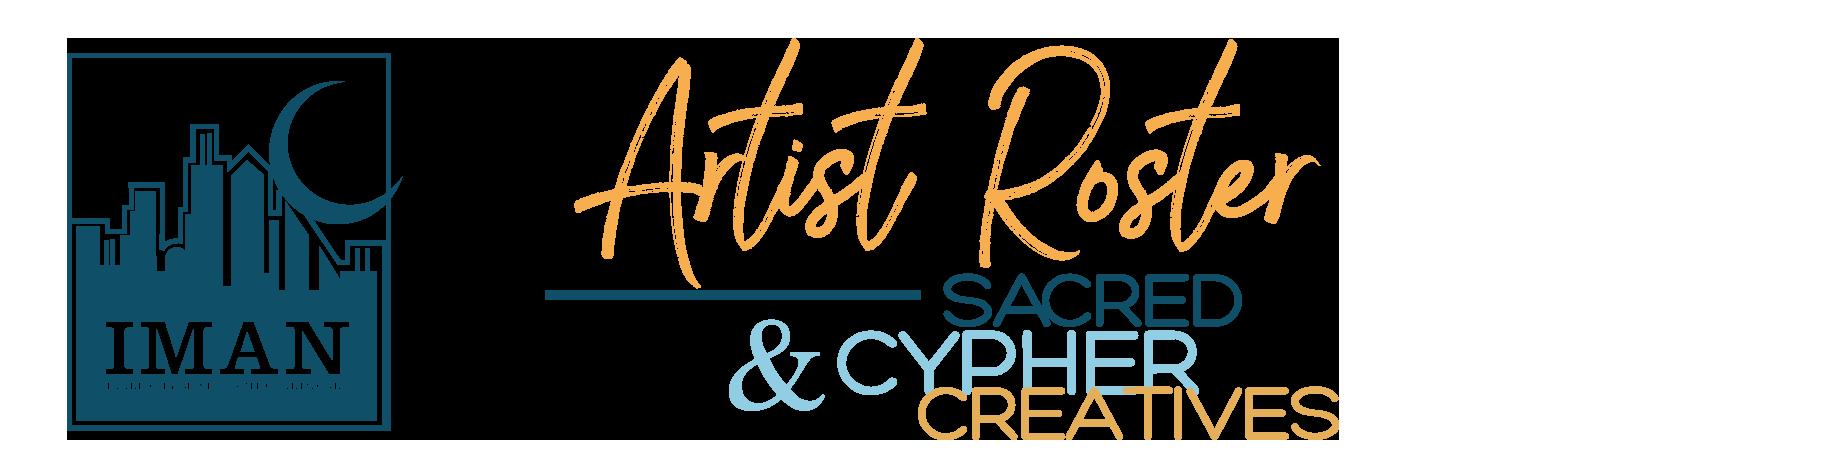 IMAN Artist Roster Logo